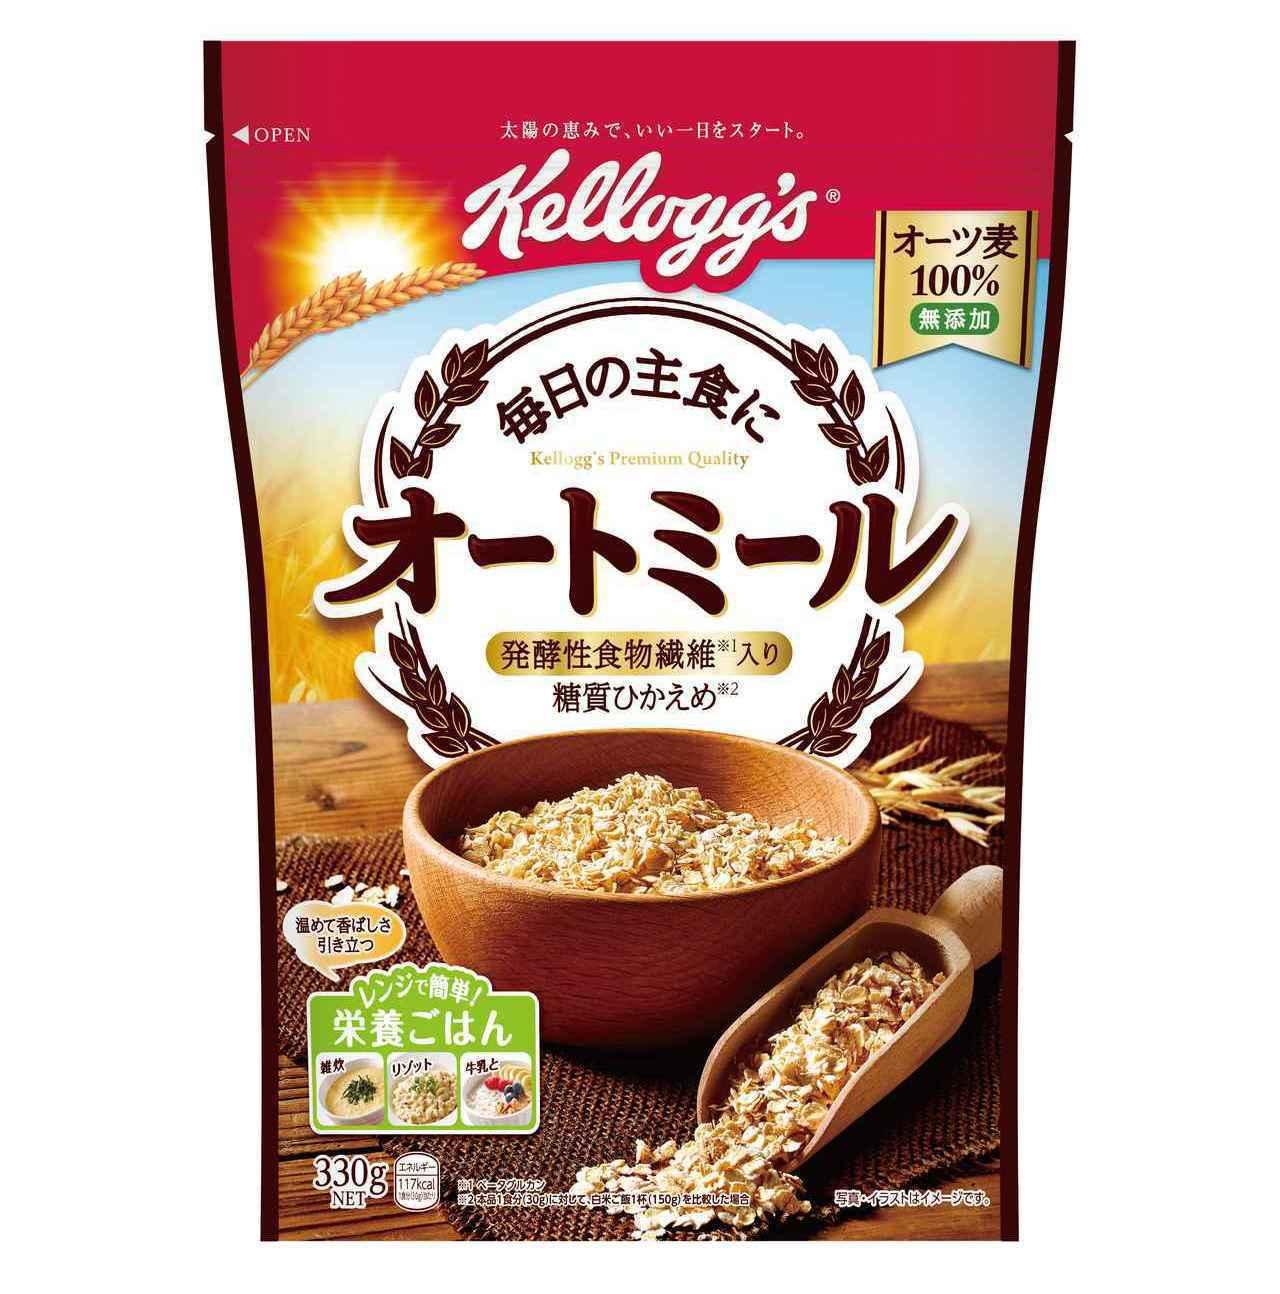 画像: 穀物の専門家ケロッグが届ける「オートミール」